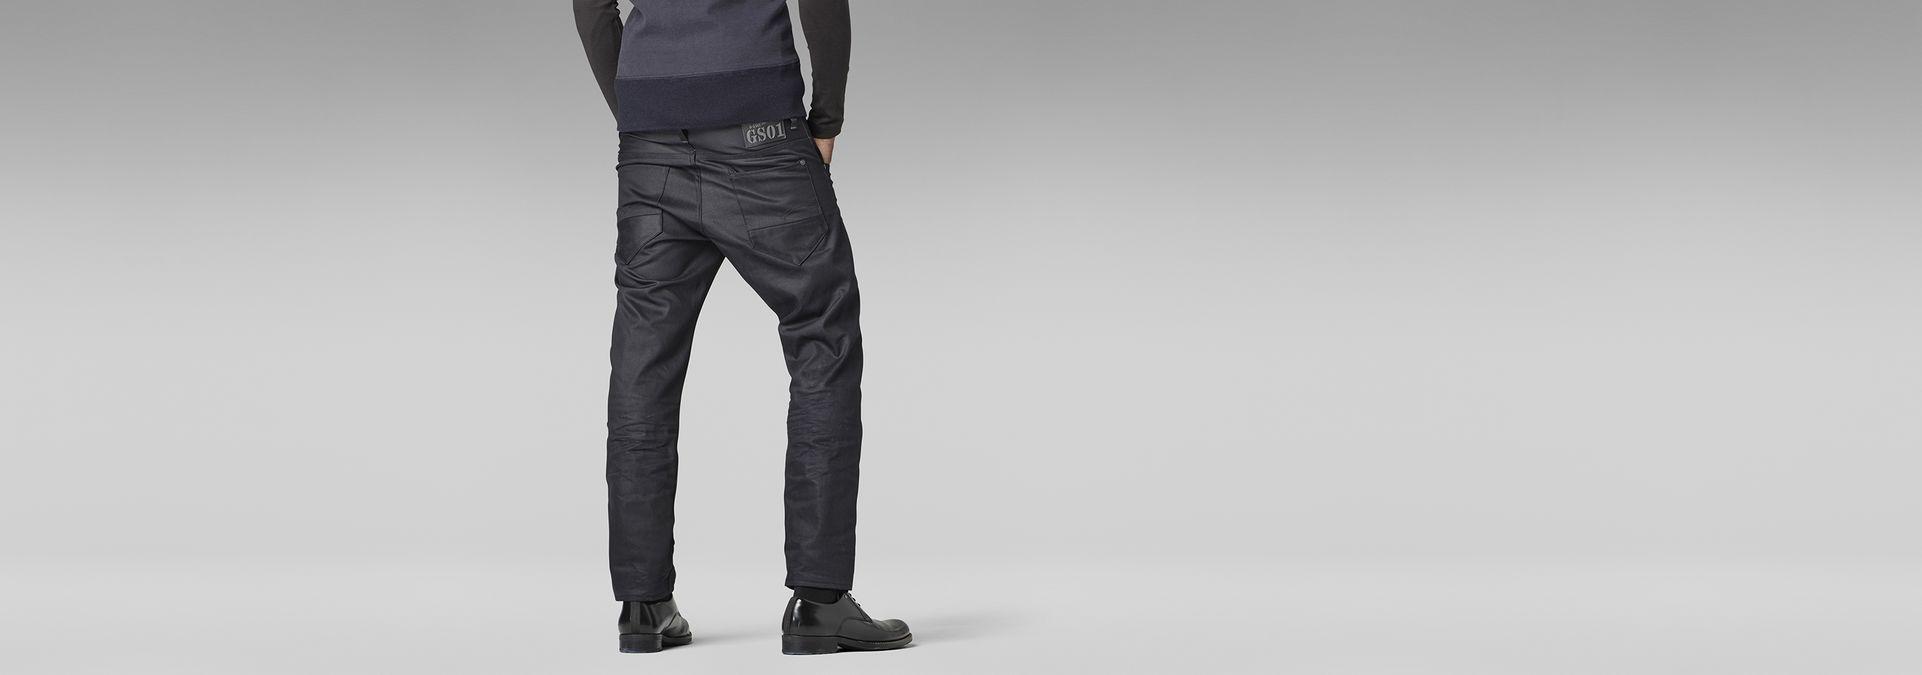 new radar slim jeans 3d aged men sale g star raw. Black Bedroom Furniture Sets. Home Design Ideas